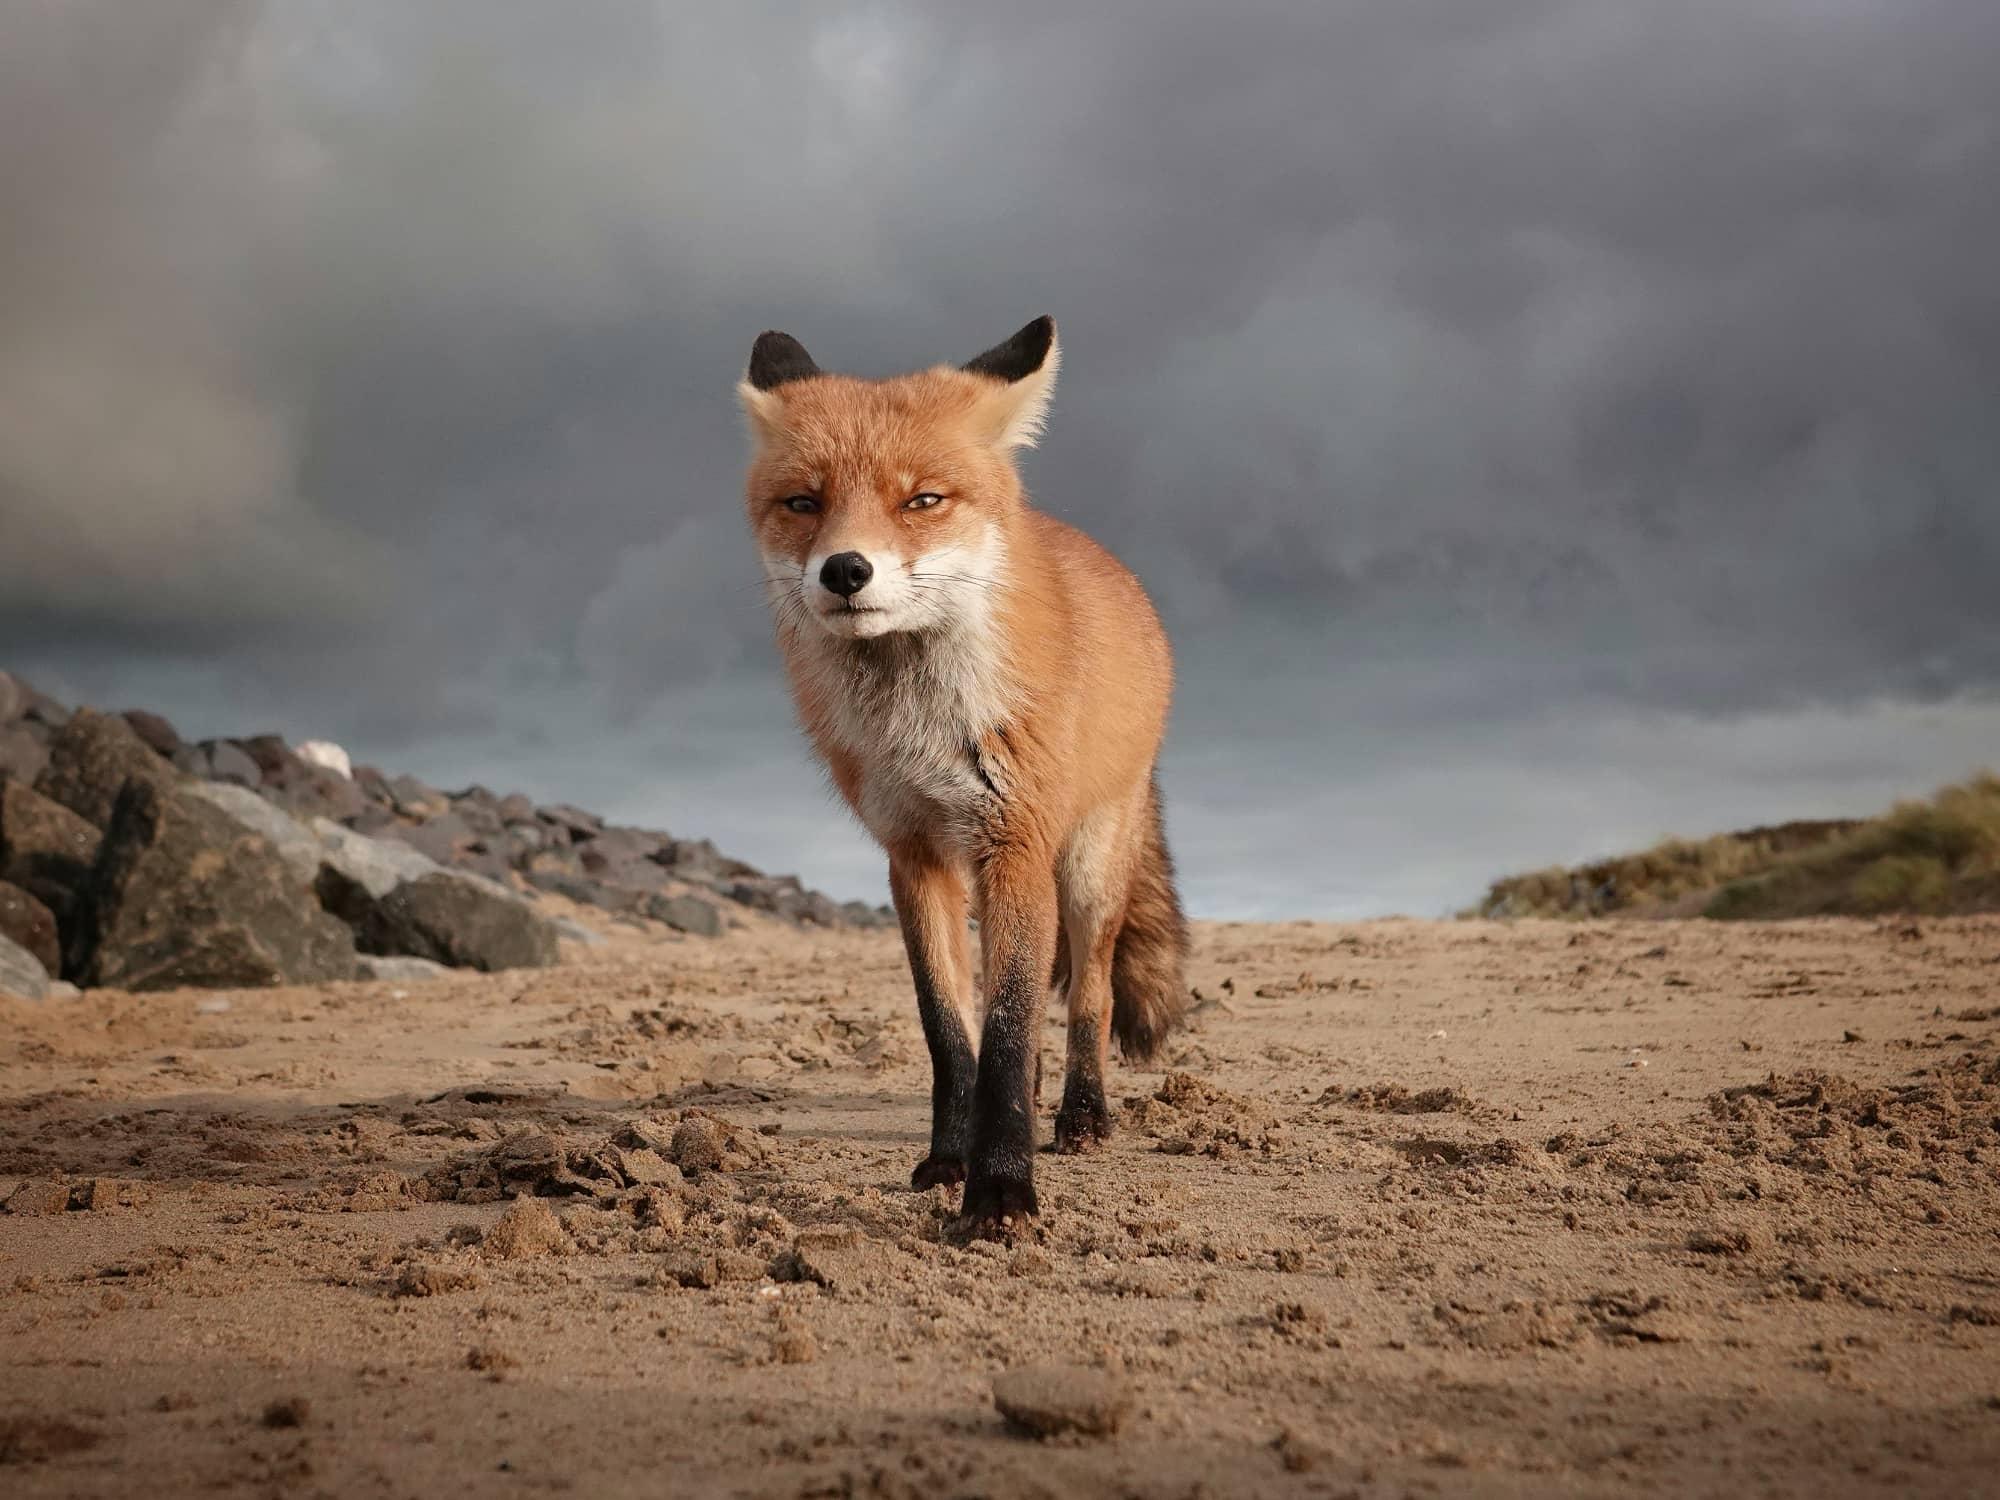 Vos in landschap door Marleen Van Eijk - genomineerd voor Open Photographer of the year 2020